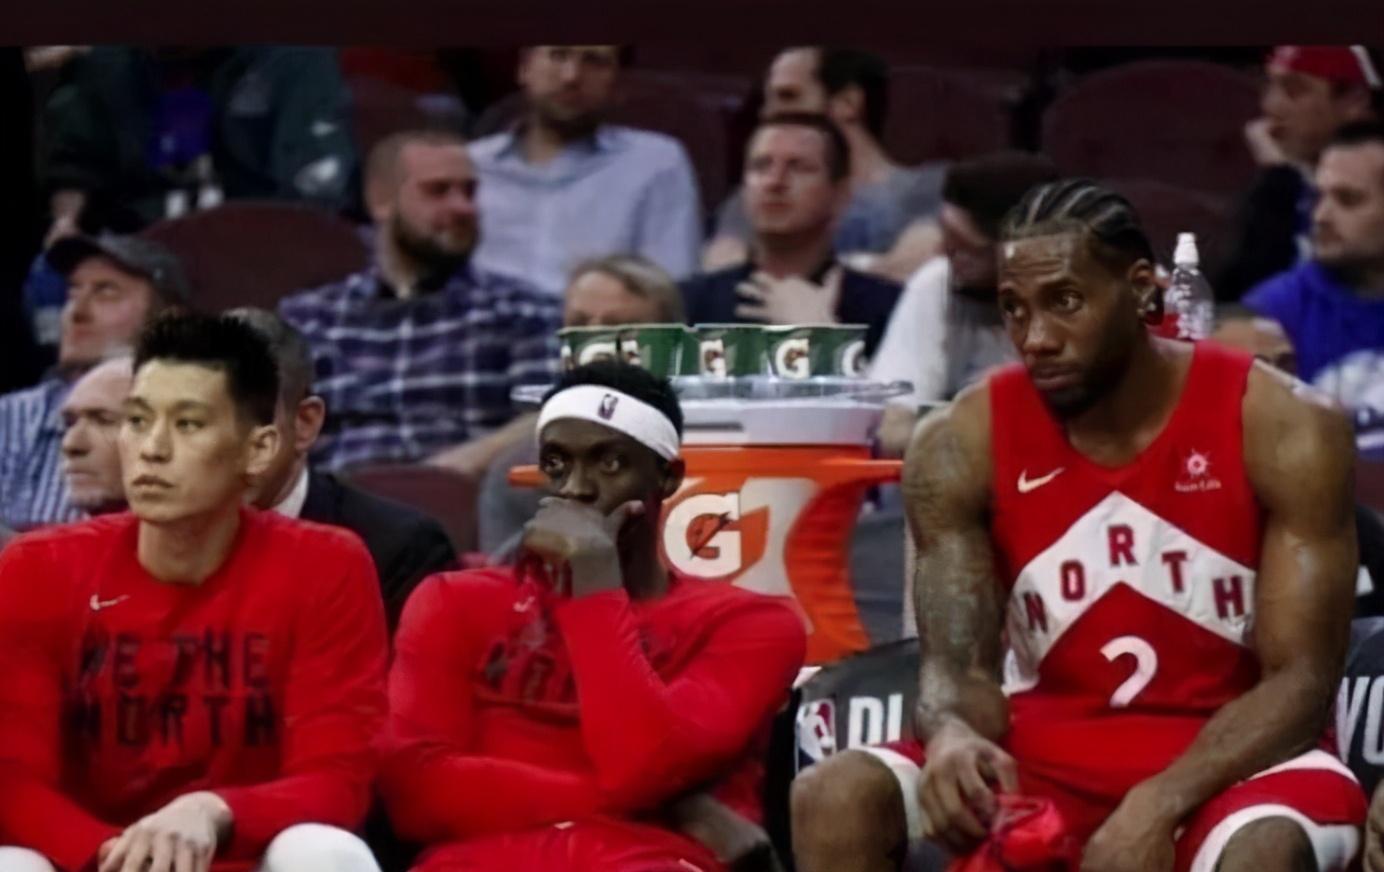 爭冠球隊對林書豪有意?籃網勇士都不合適,他或許該去聯絡Leonard!-黑特籃球-NBA新聞影音圖片分享社區